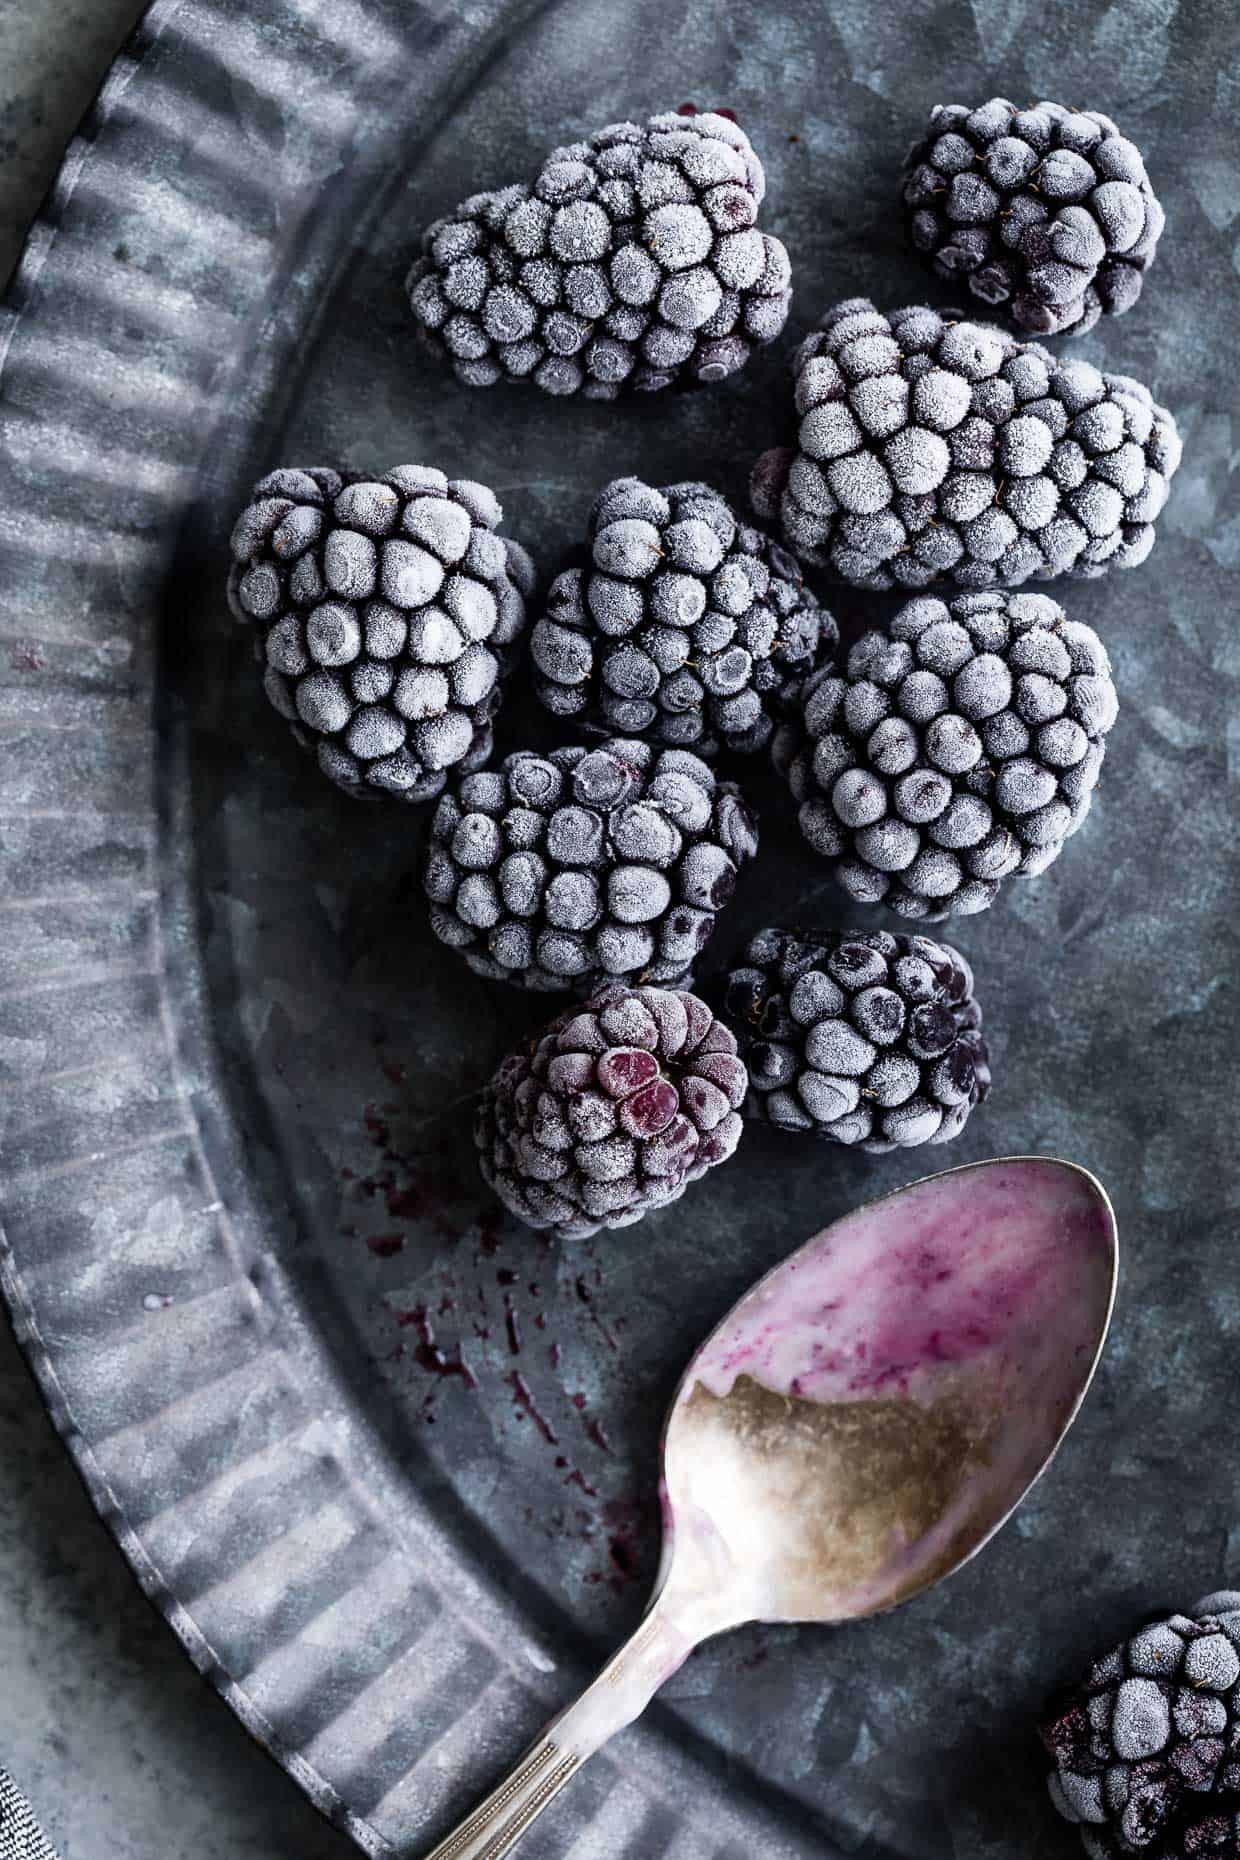 Frosty Blackberries